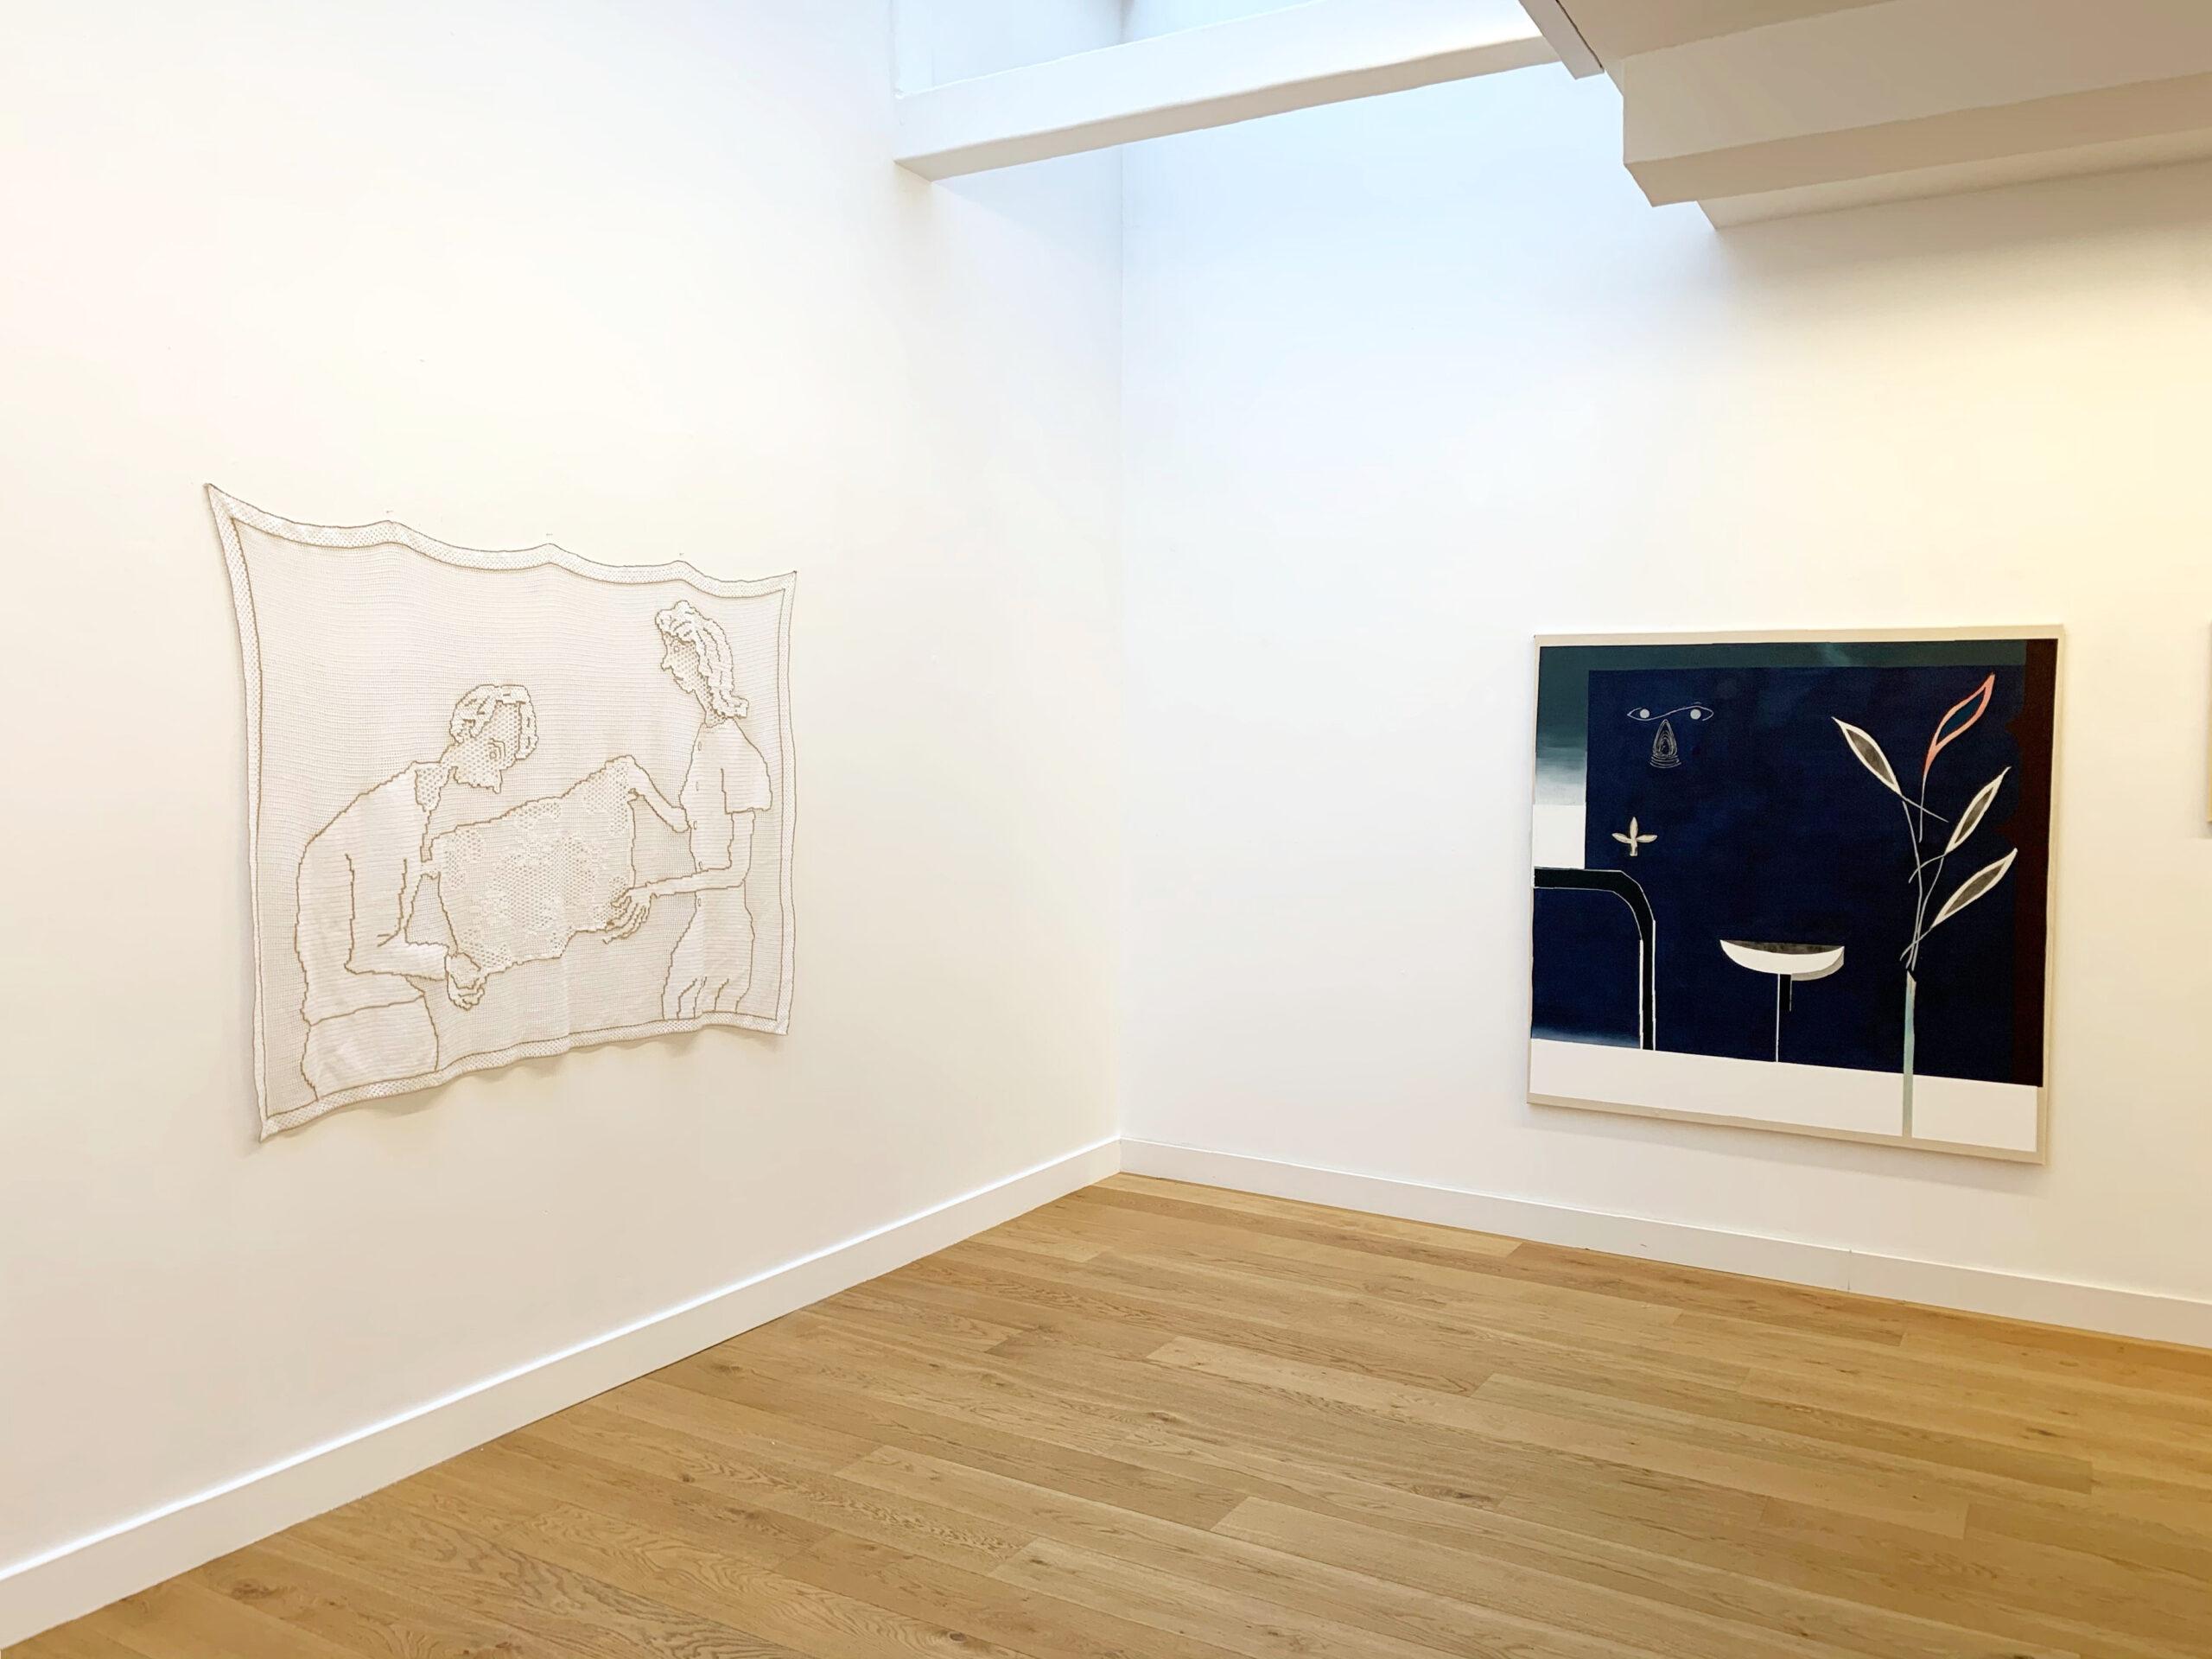 Exhibition view Pinar&Viola - Flatland Gallery Amsterdam